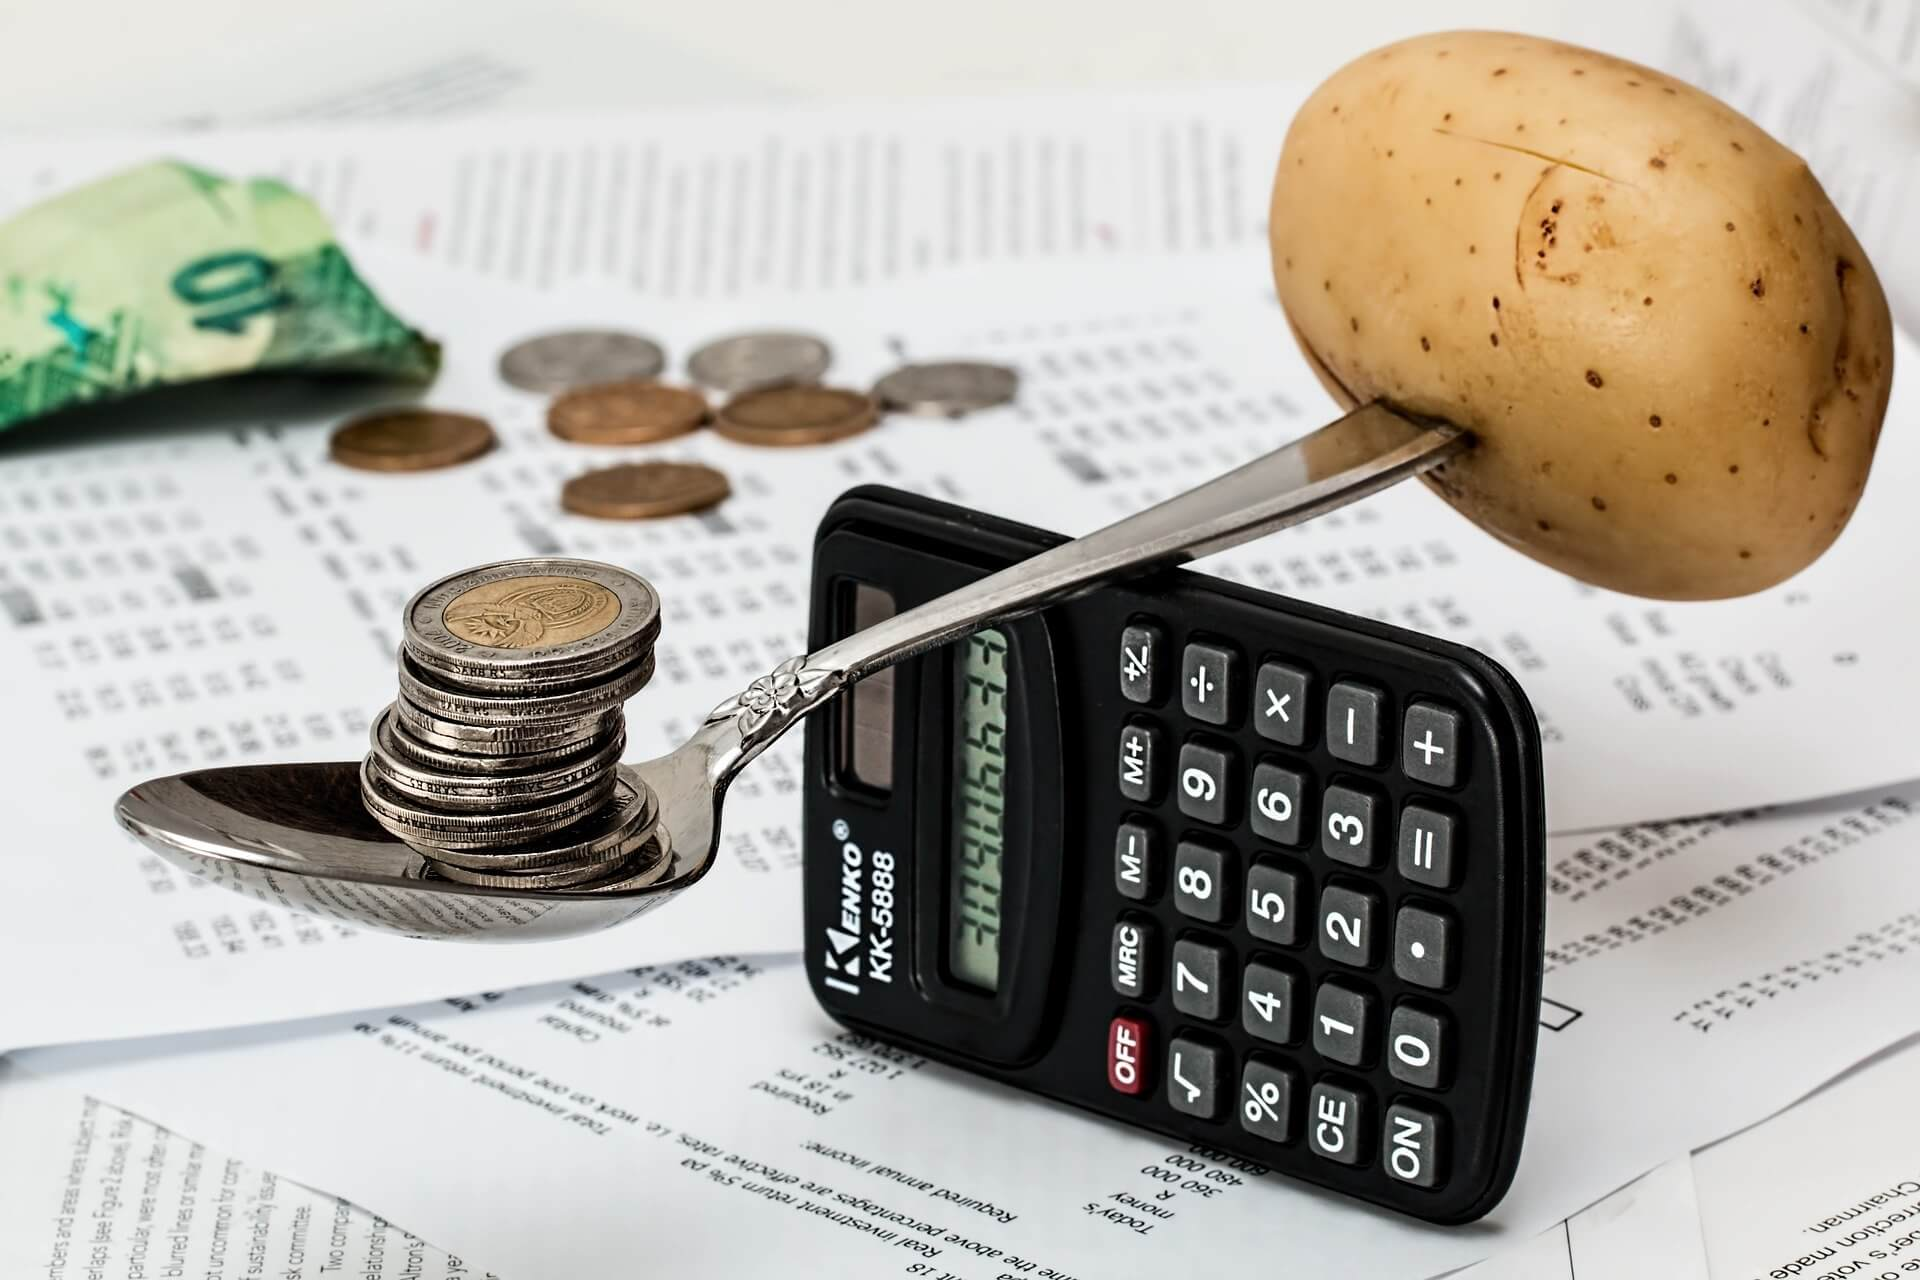 תכנון פיננסי ומימון יצירתי